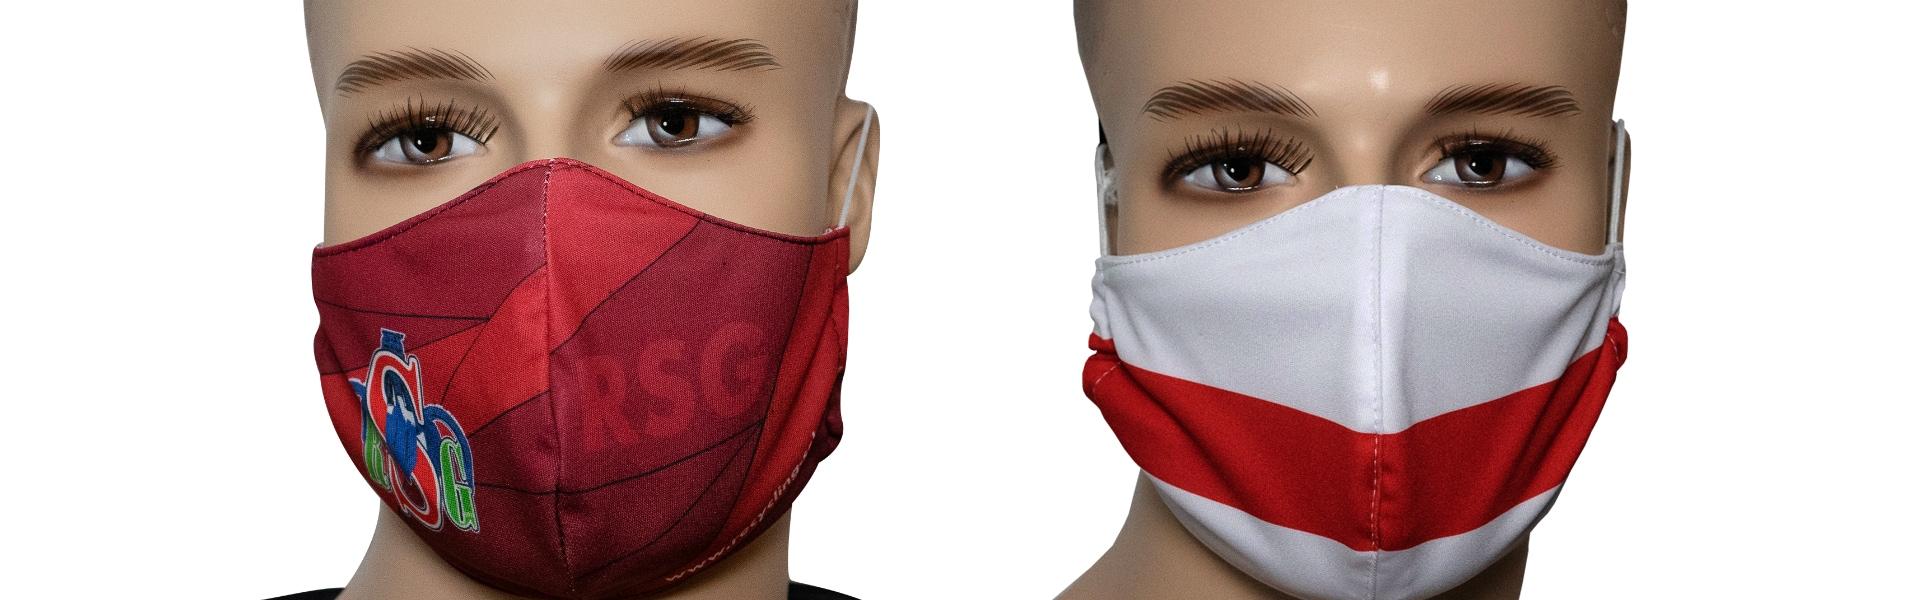 Gesichtsmasken2